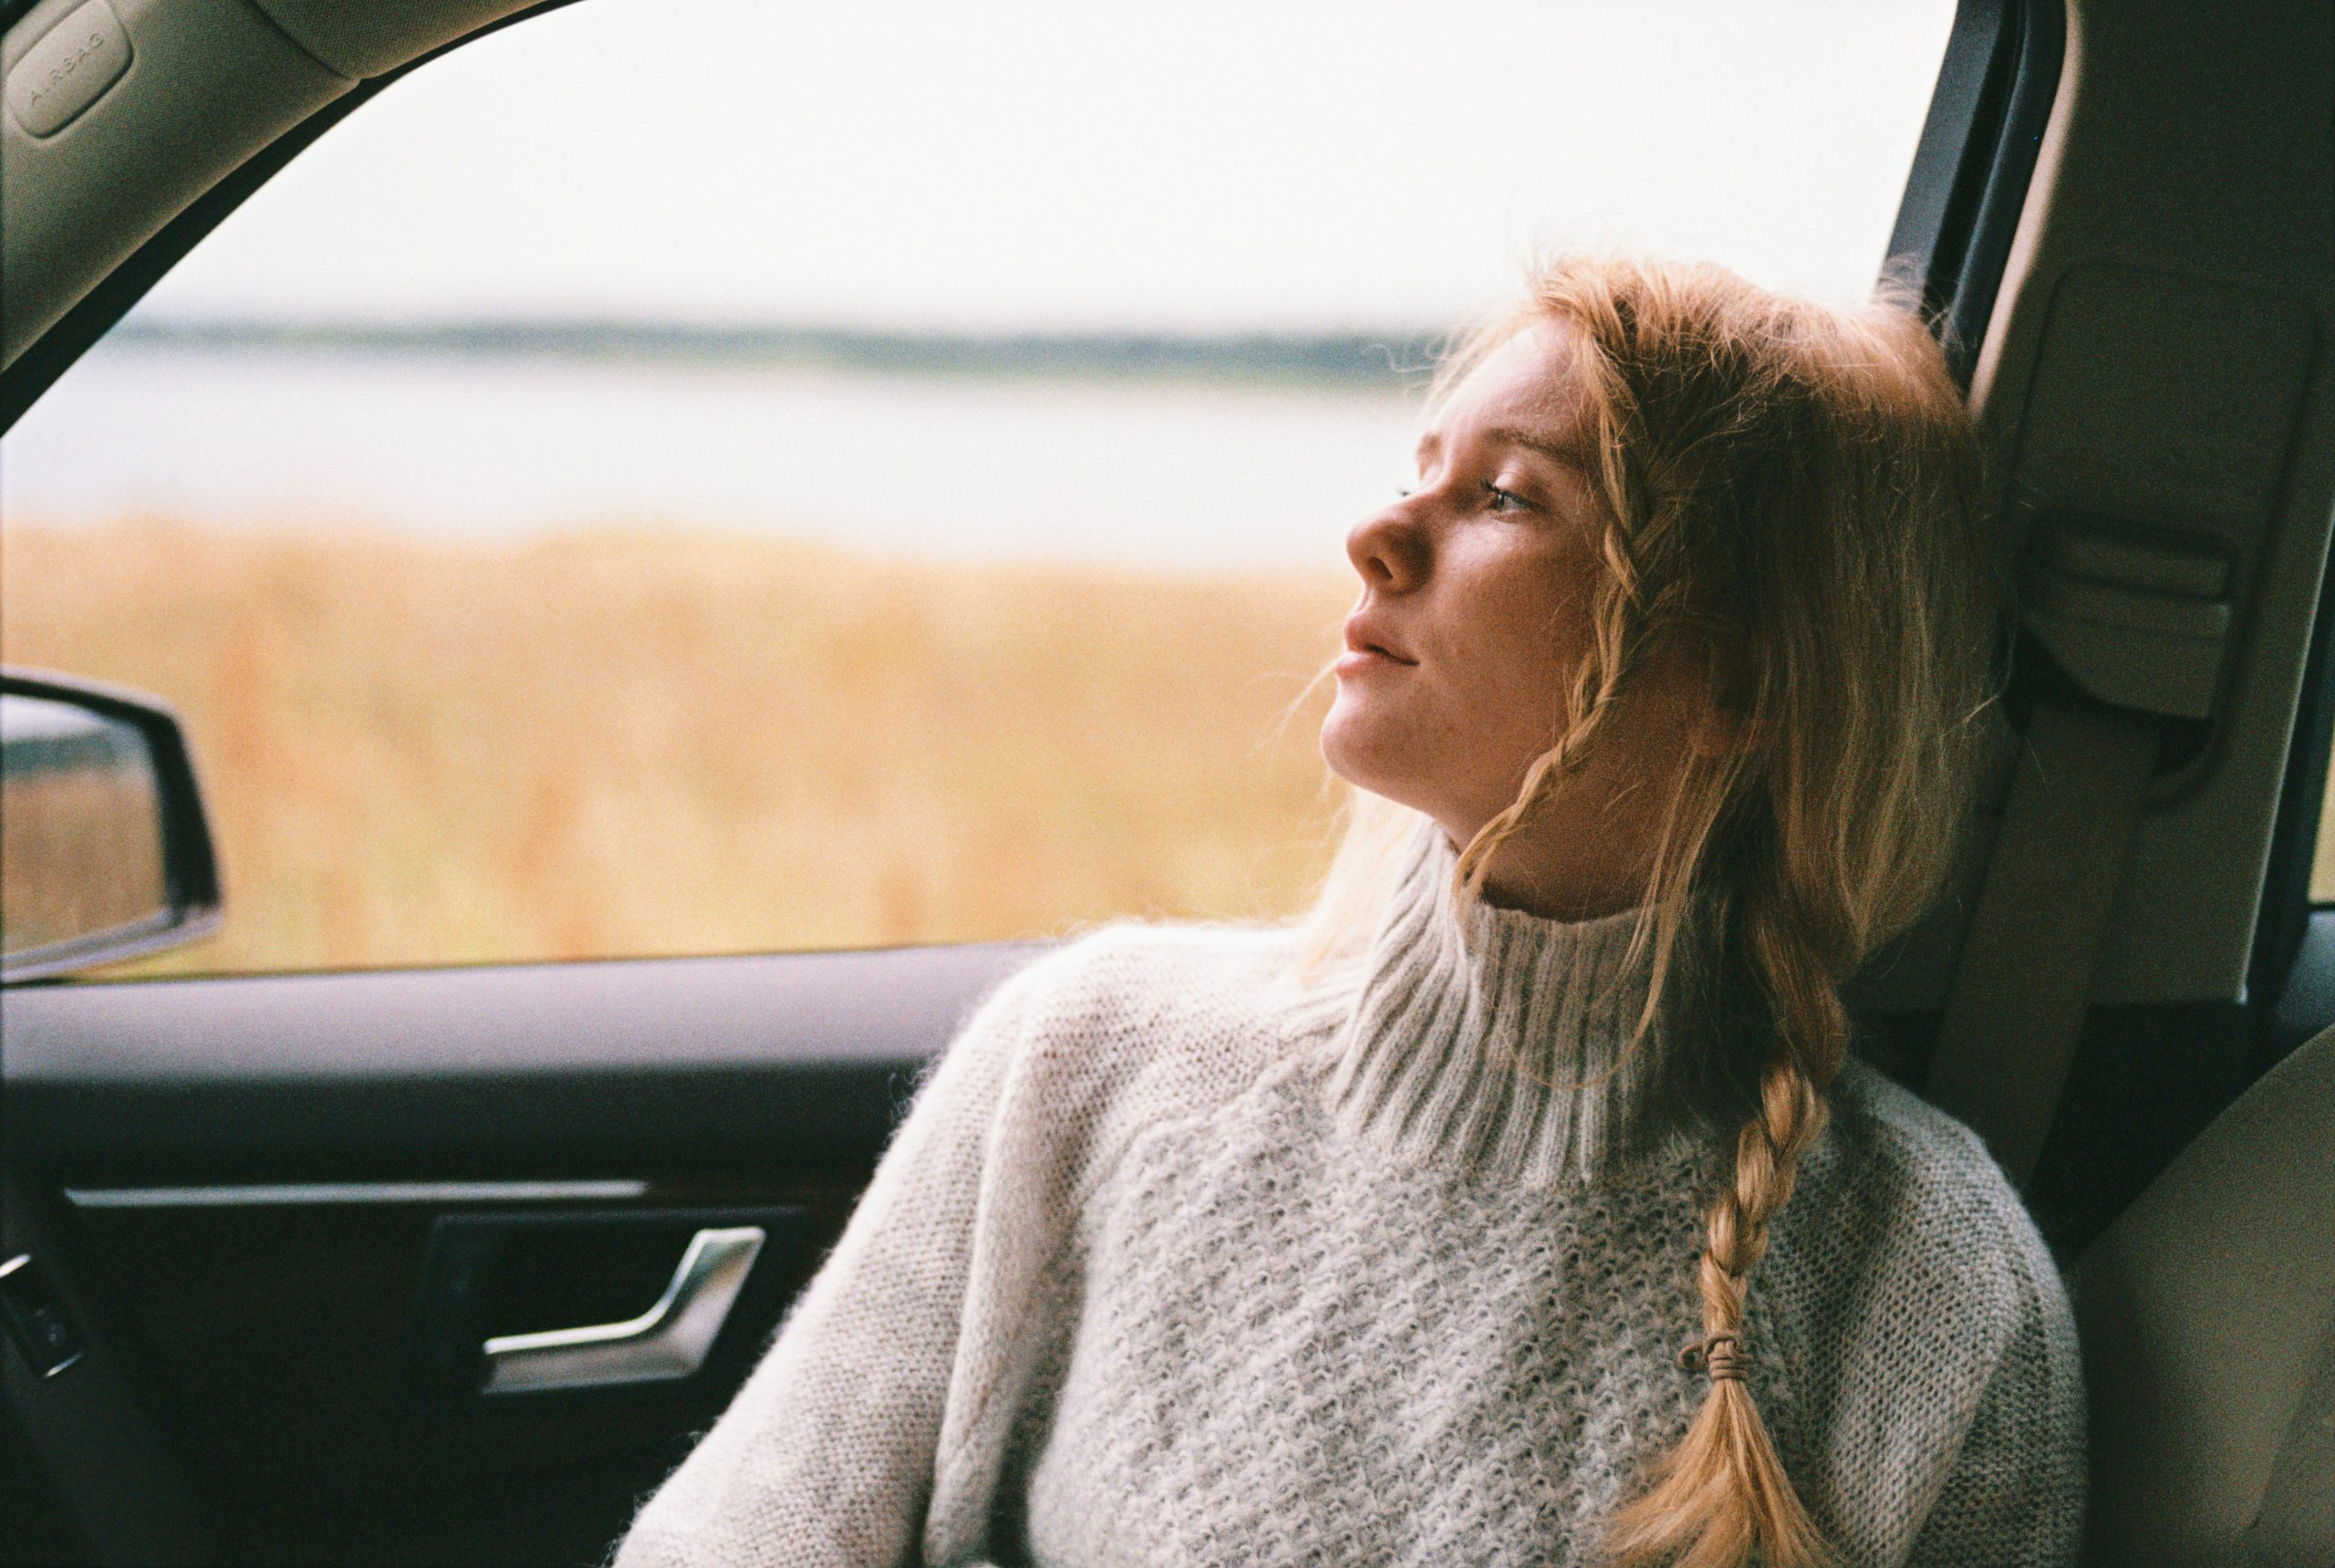 Kvinna sitter i bil och tittar ut genom fönster. Hon bär en grå stickad polotröja.